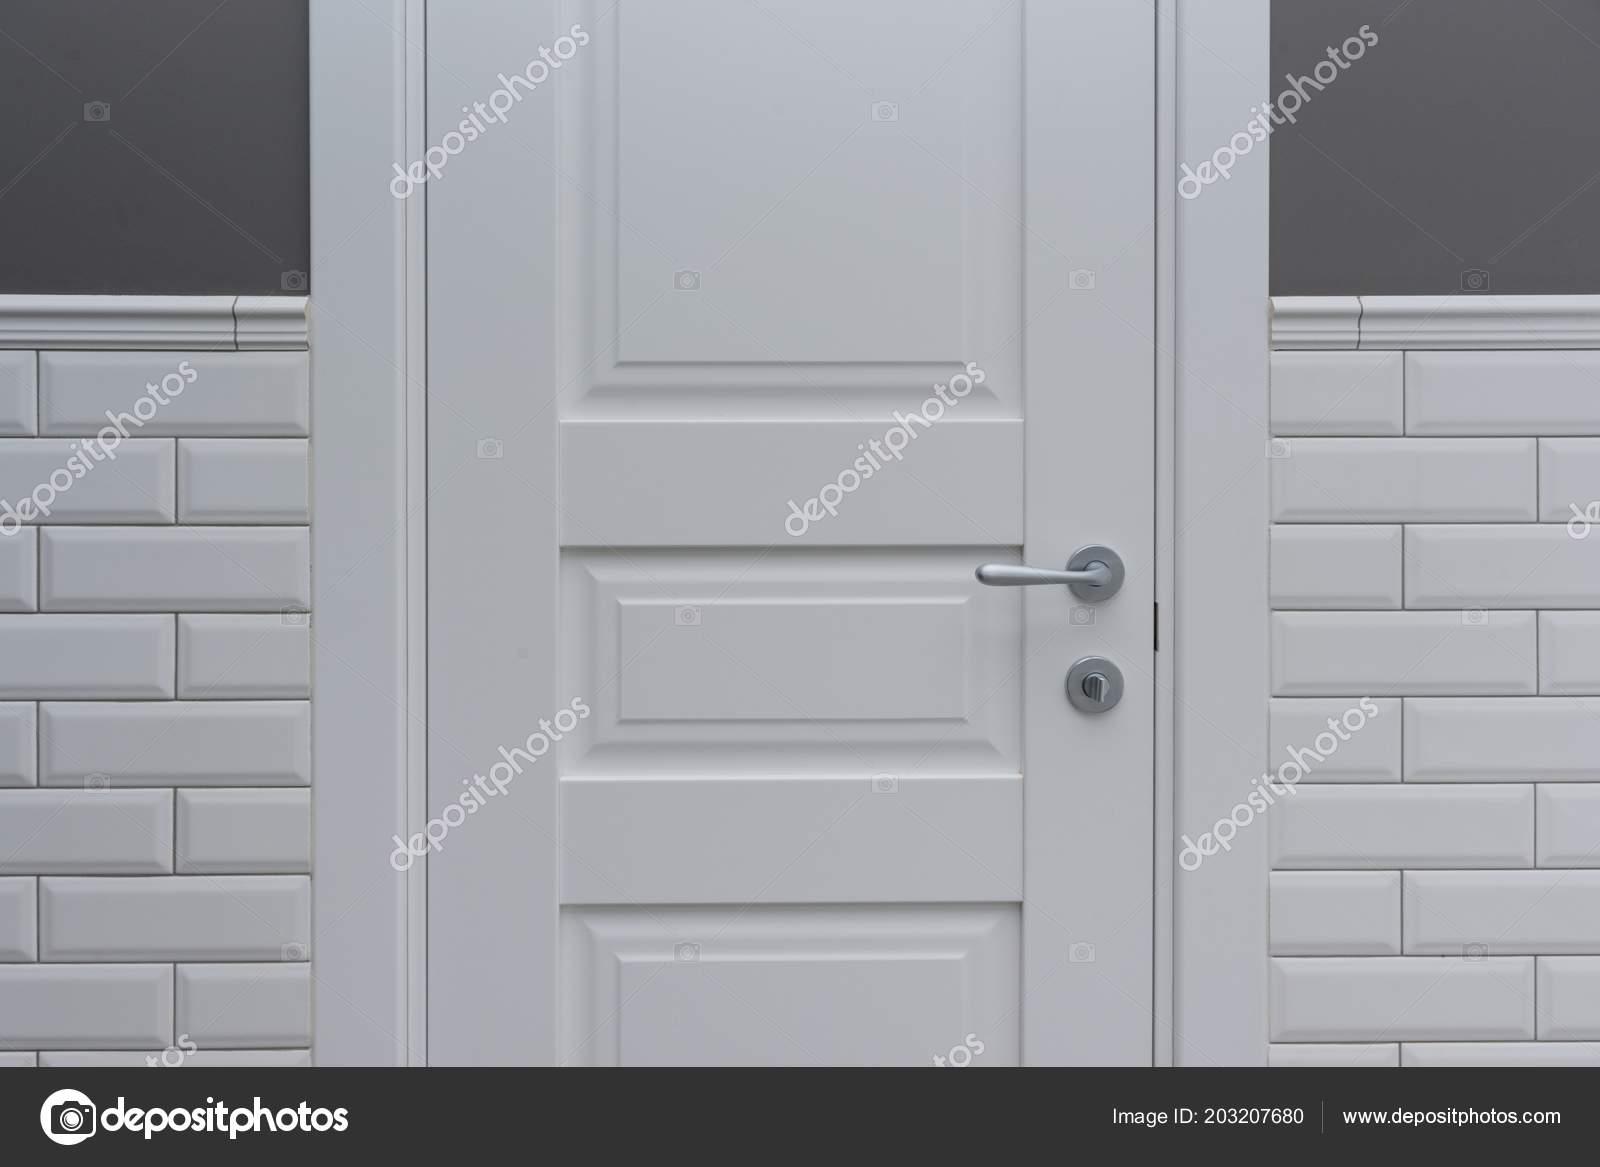 Porta bianca camera bagno sfondo grigio verniciato parete rivestita